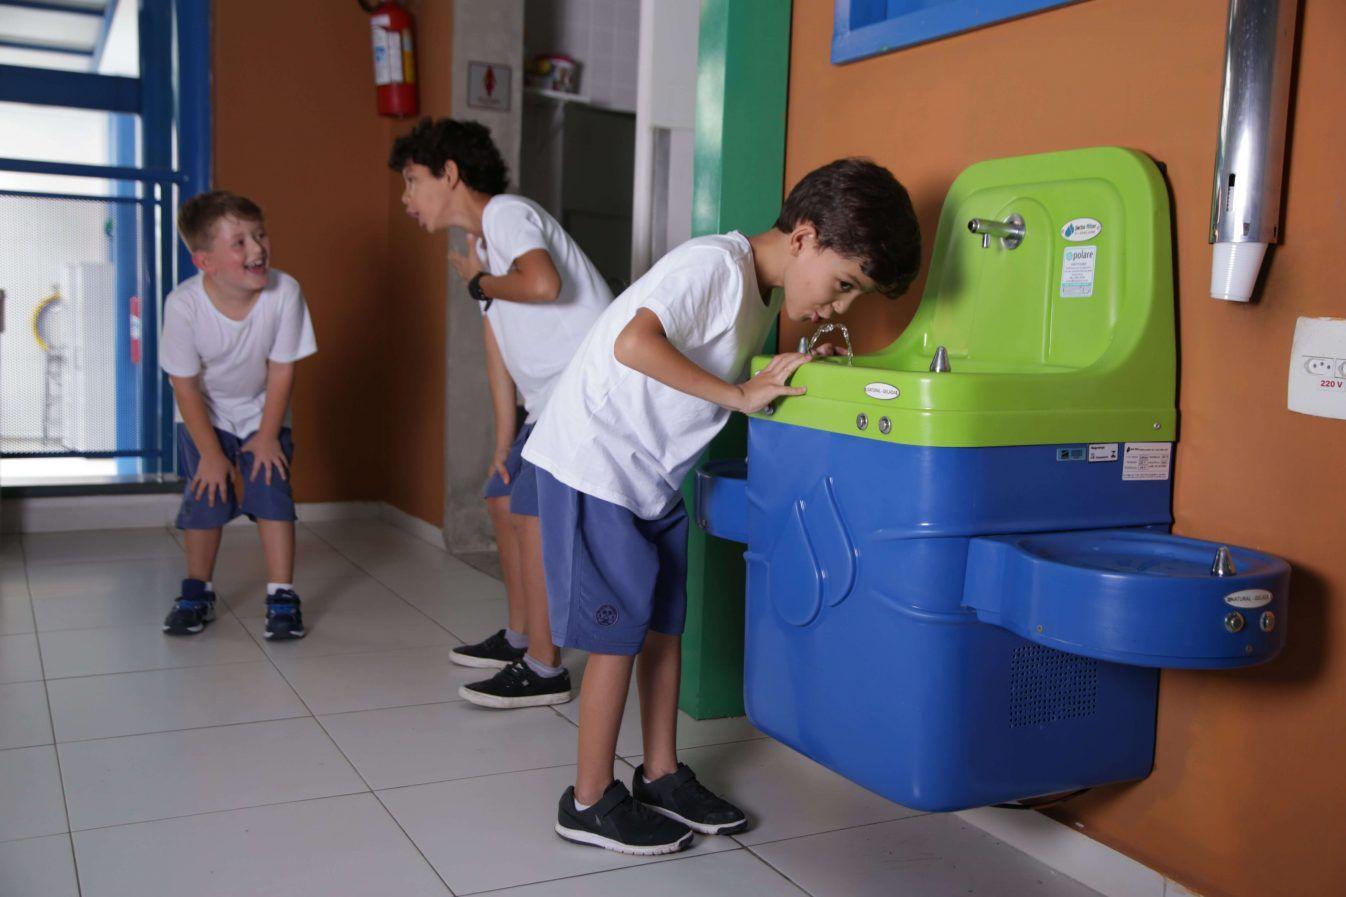 Bebedouro escolar: conheça as características que revelam um bebedouro ideal para escolas